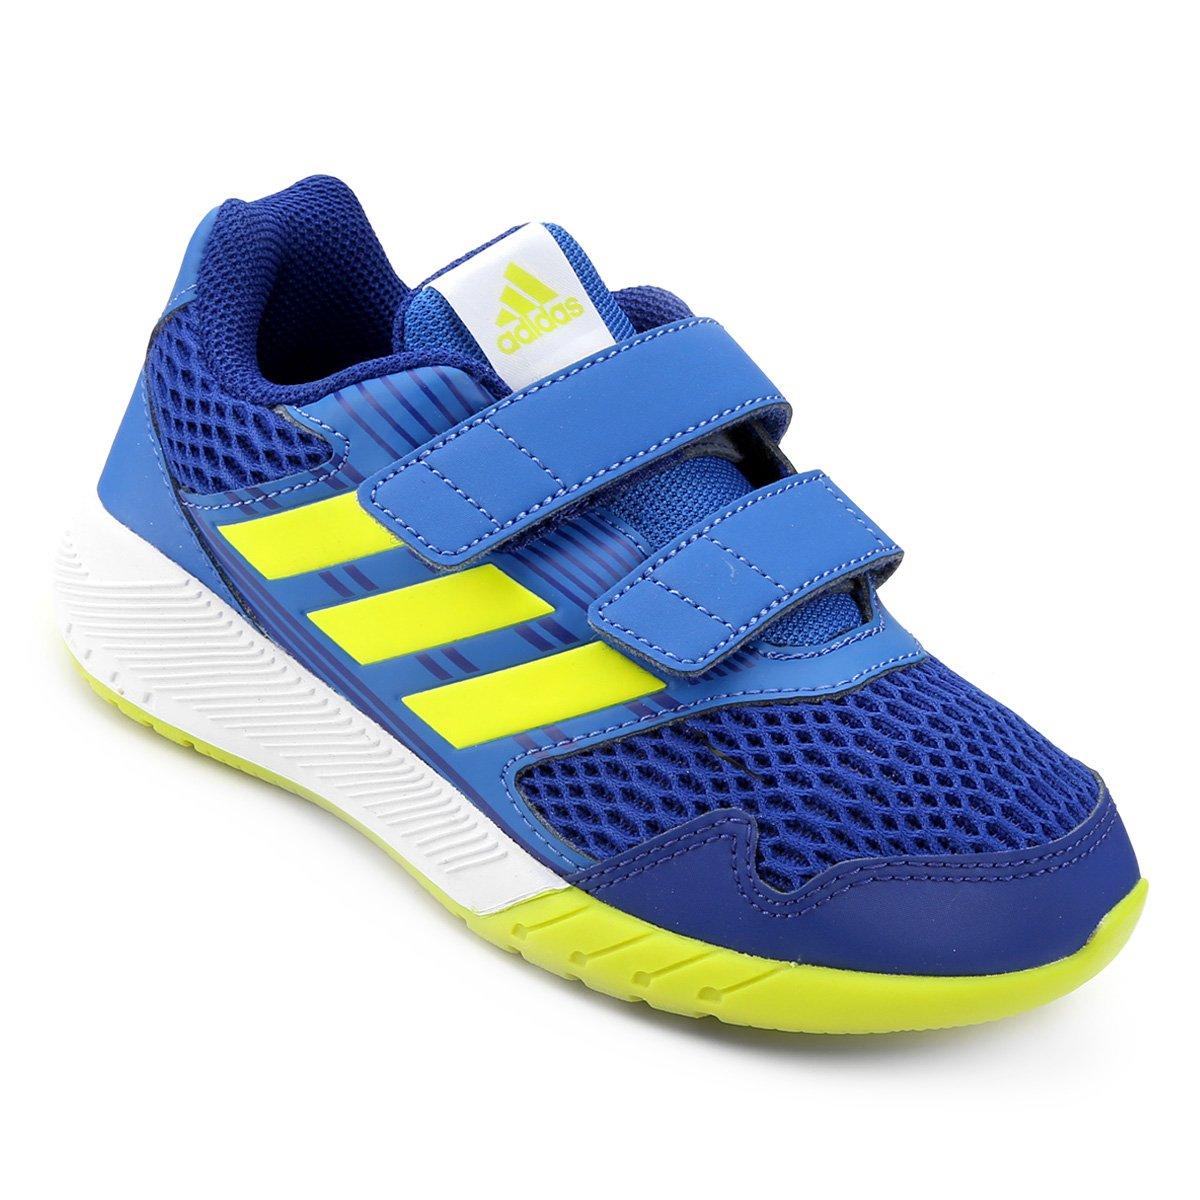 26708e8e45d5b Tênis Infantil Adidas Altarun Cf K Masculino - Compre Agora